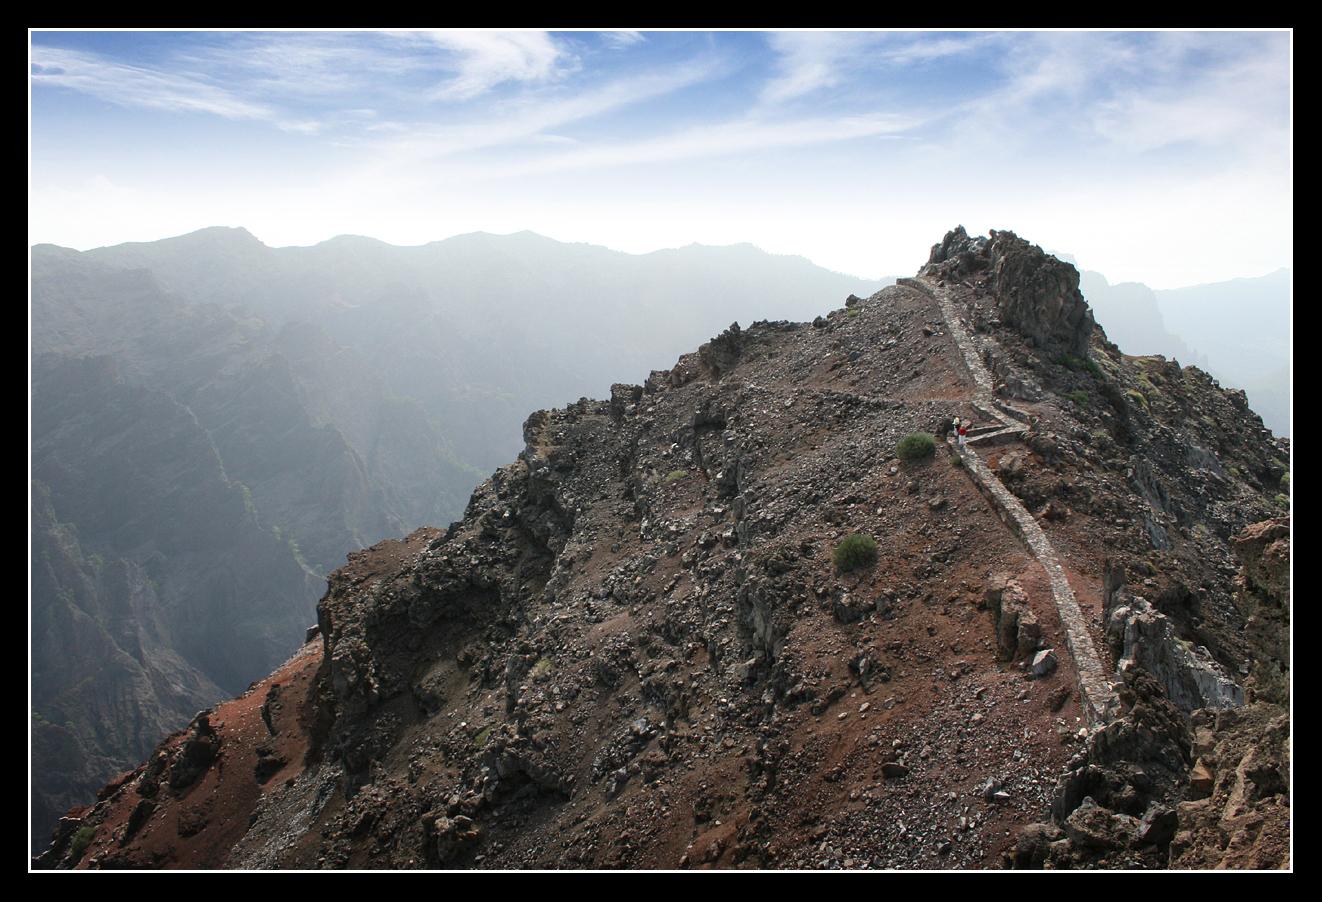 Caldera de Taburiente - La Palma 1